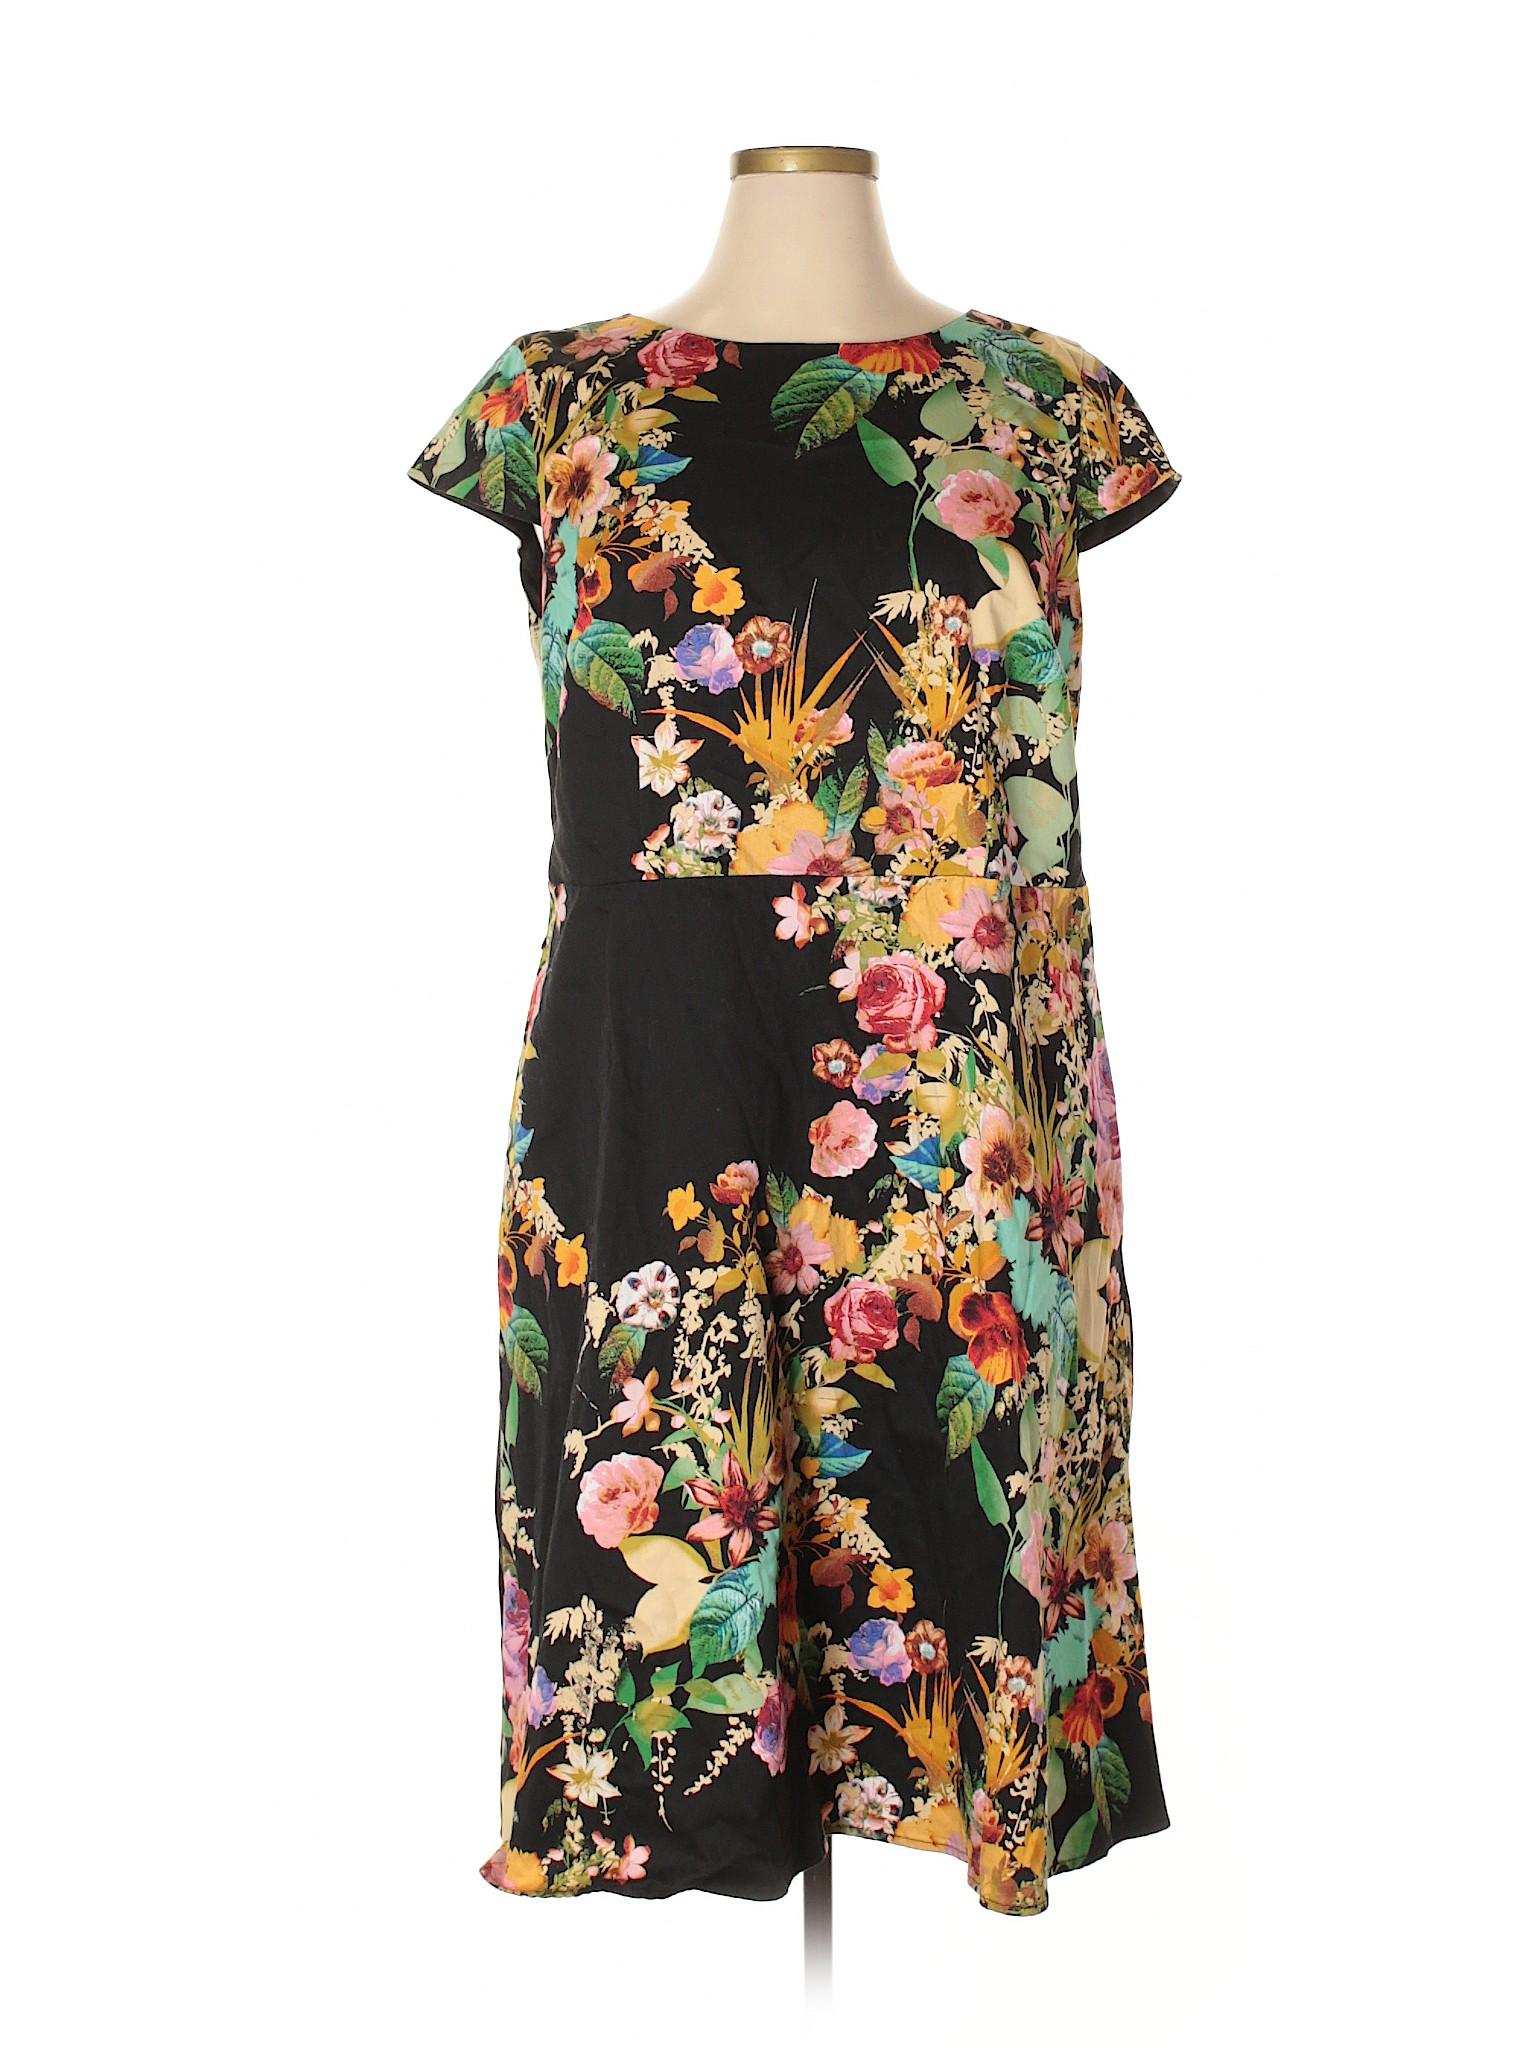 Spense winter winter Boutique Dress Boutique Dress Spense Boutique Casual Casual pnS0Zw